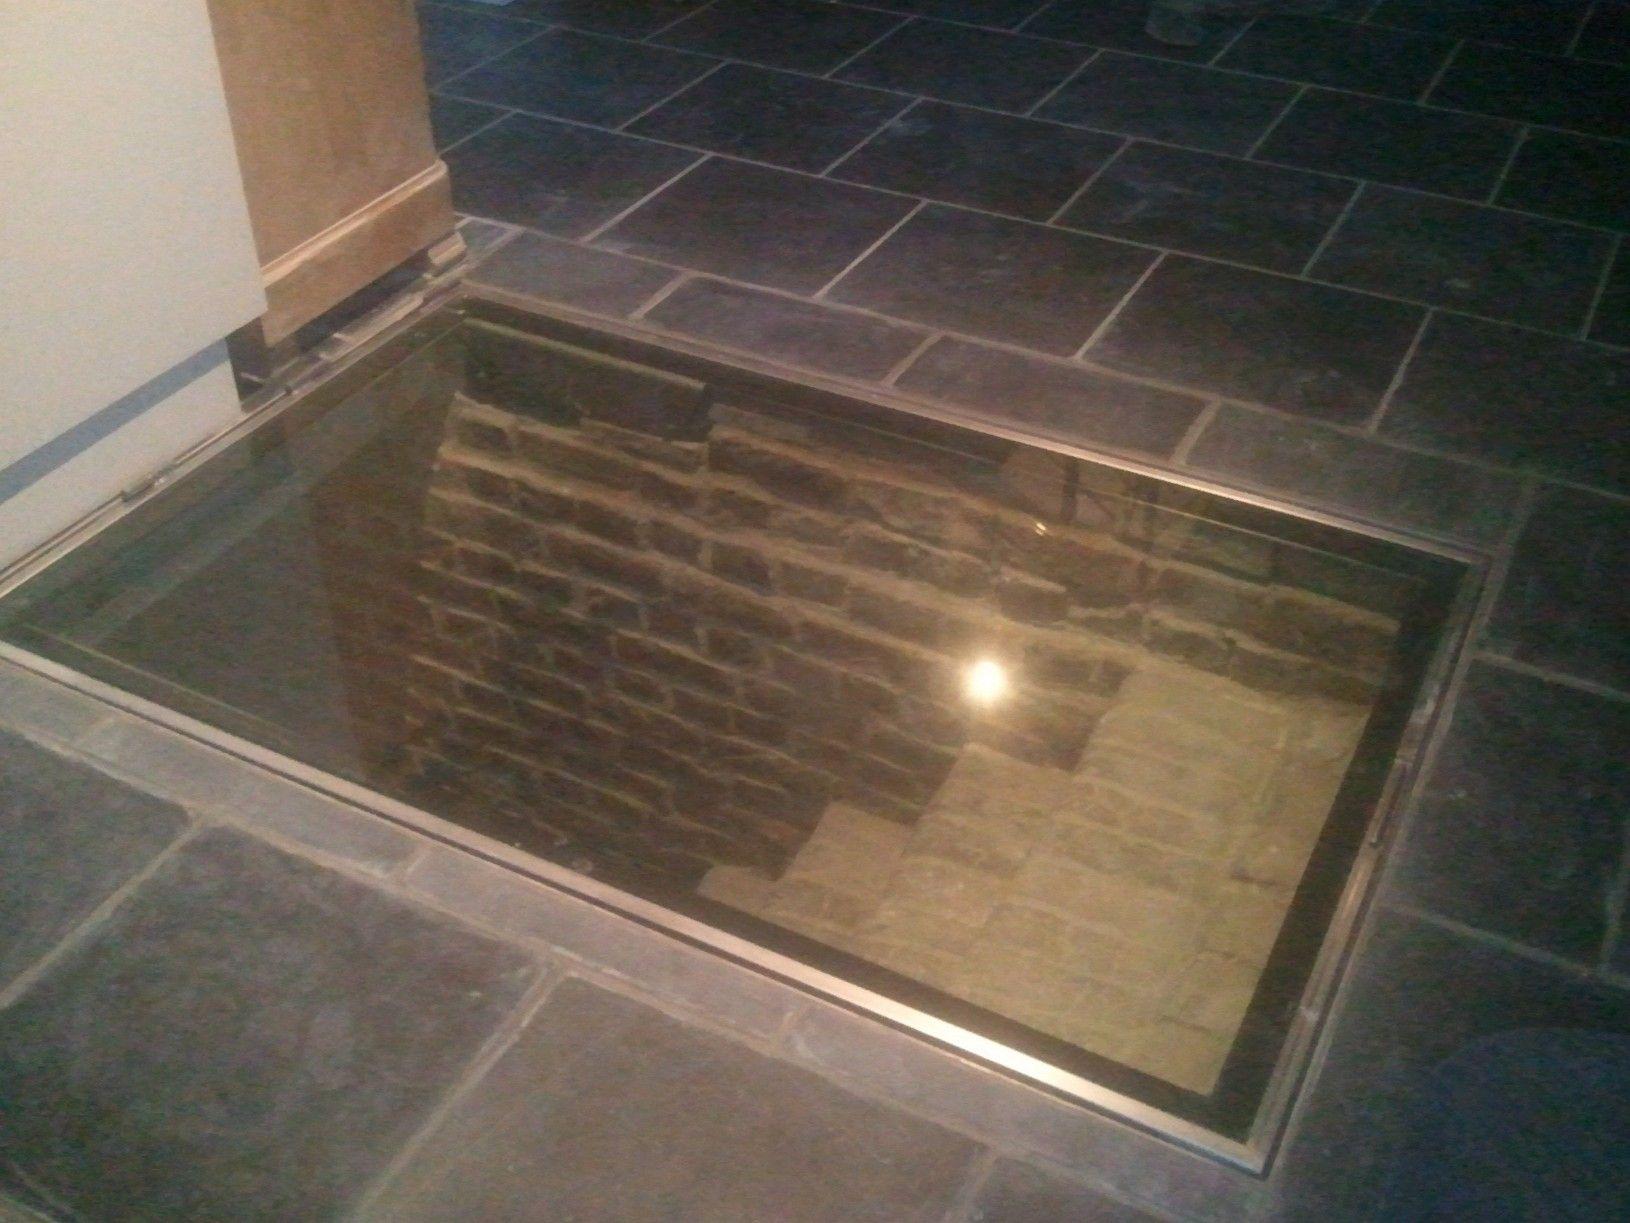 R sultat de recherche d 39 images pour entree de cave en verre paisleys room en 2018 - Porte de cave ...